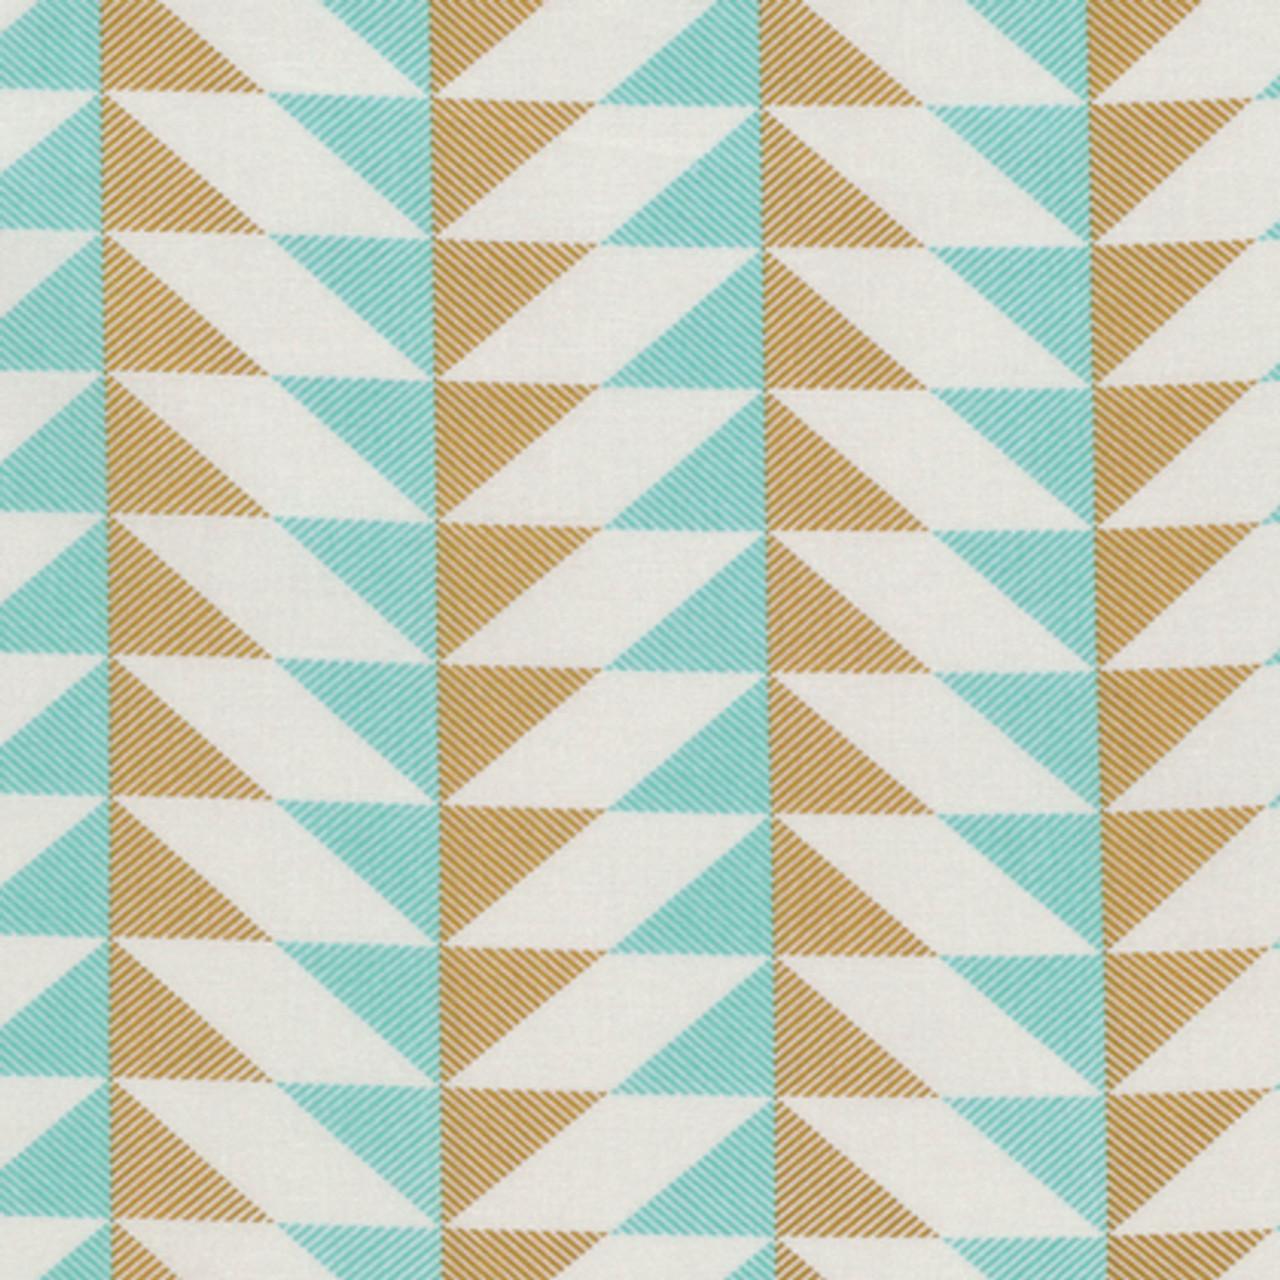 Joel Dewberry PWJD142 Modernist Arrowhead Aqua Cotton Quilting Fabric By Yard